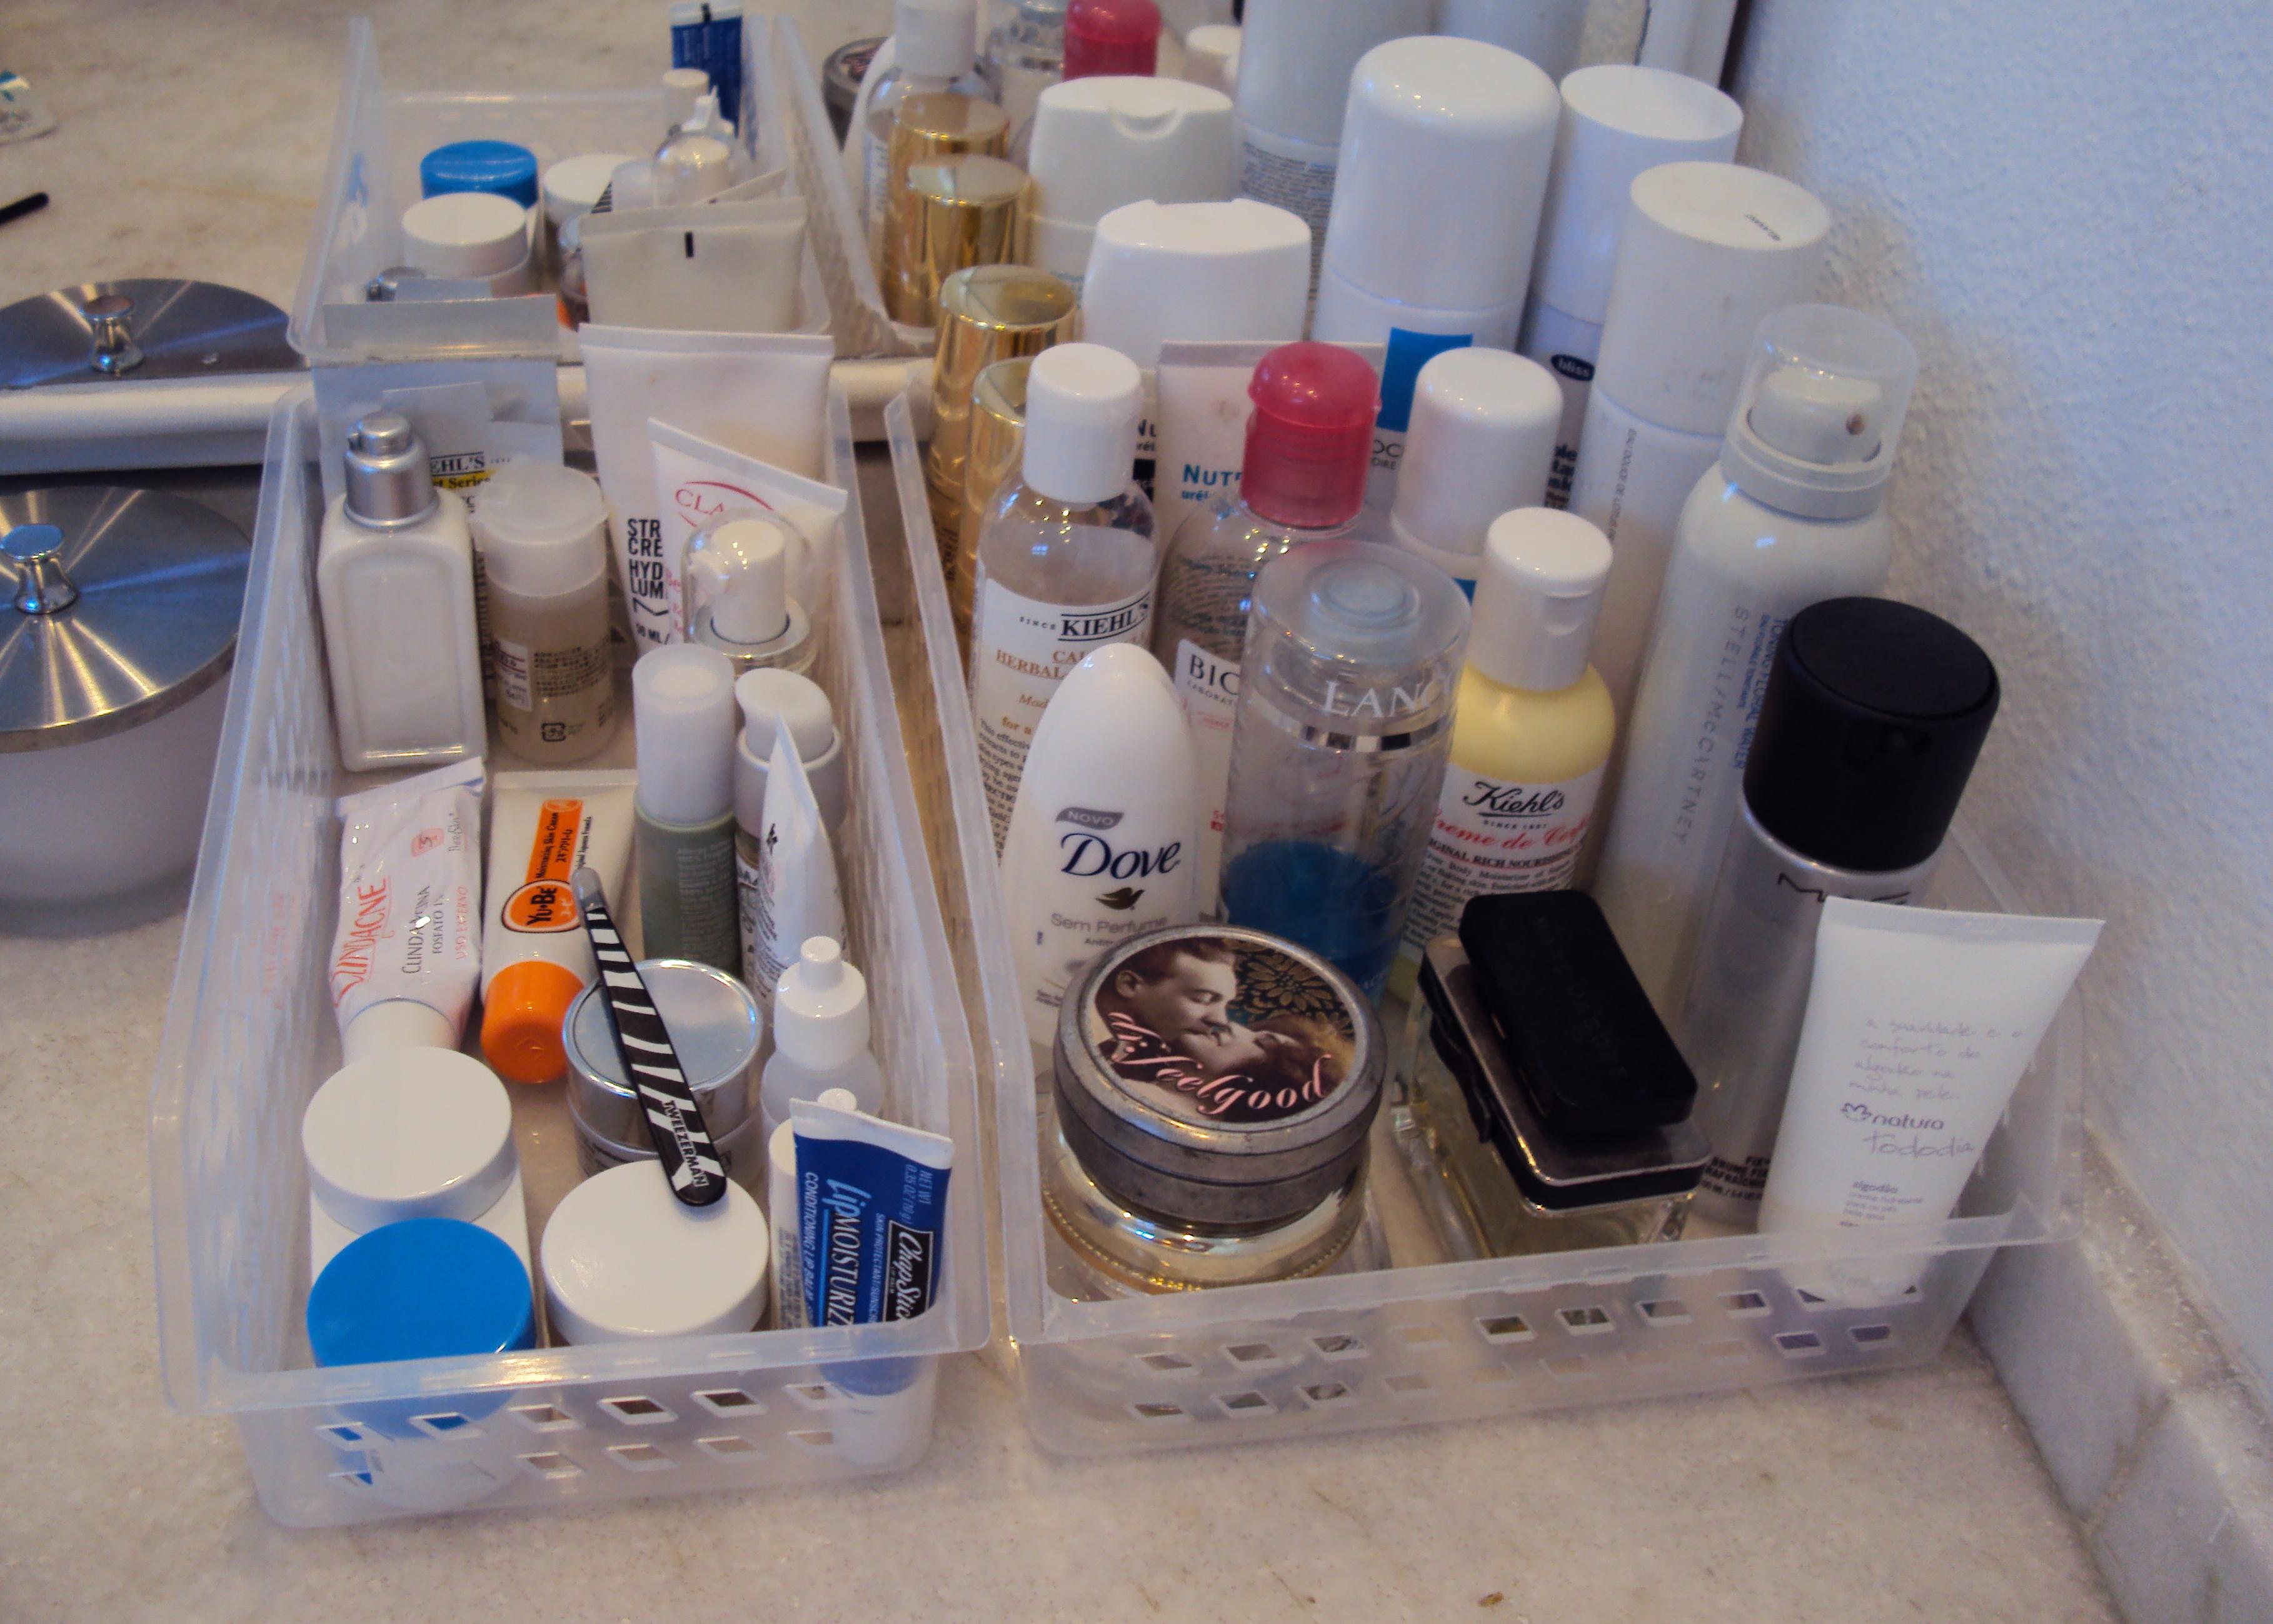 Organizando produtinhos Dia de Beauté #374568 3636x2598 Acessorios Banheiro Tok Stok